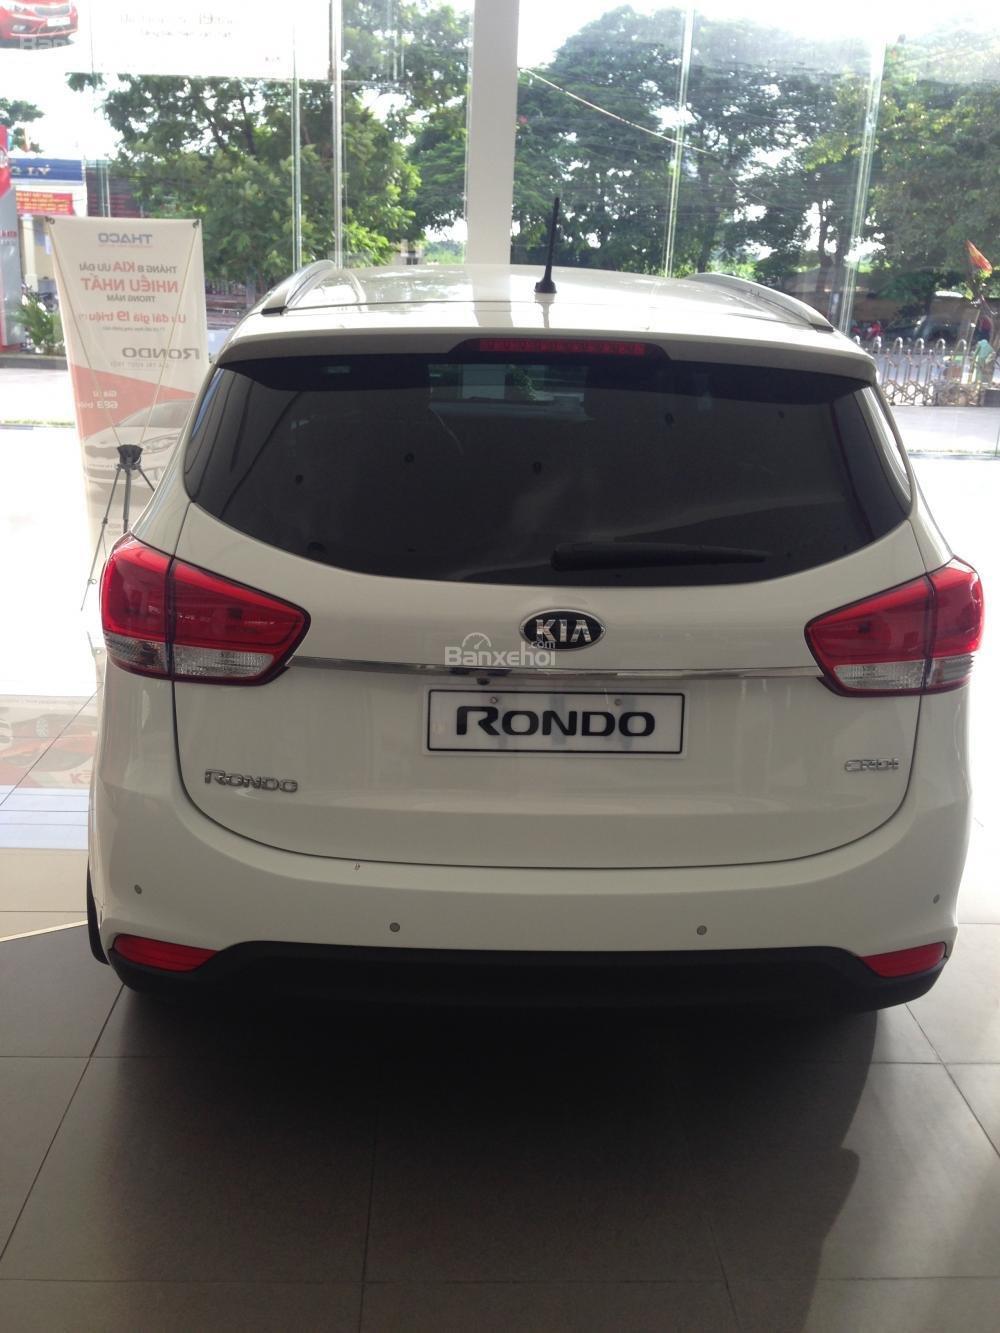 Kia Rondo máy xăng chính hãng 2016 giá ưu đãi, mua xe chỉ từ 300tr, tặng BHVC Kia Hải Phòng 0936657234-2